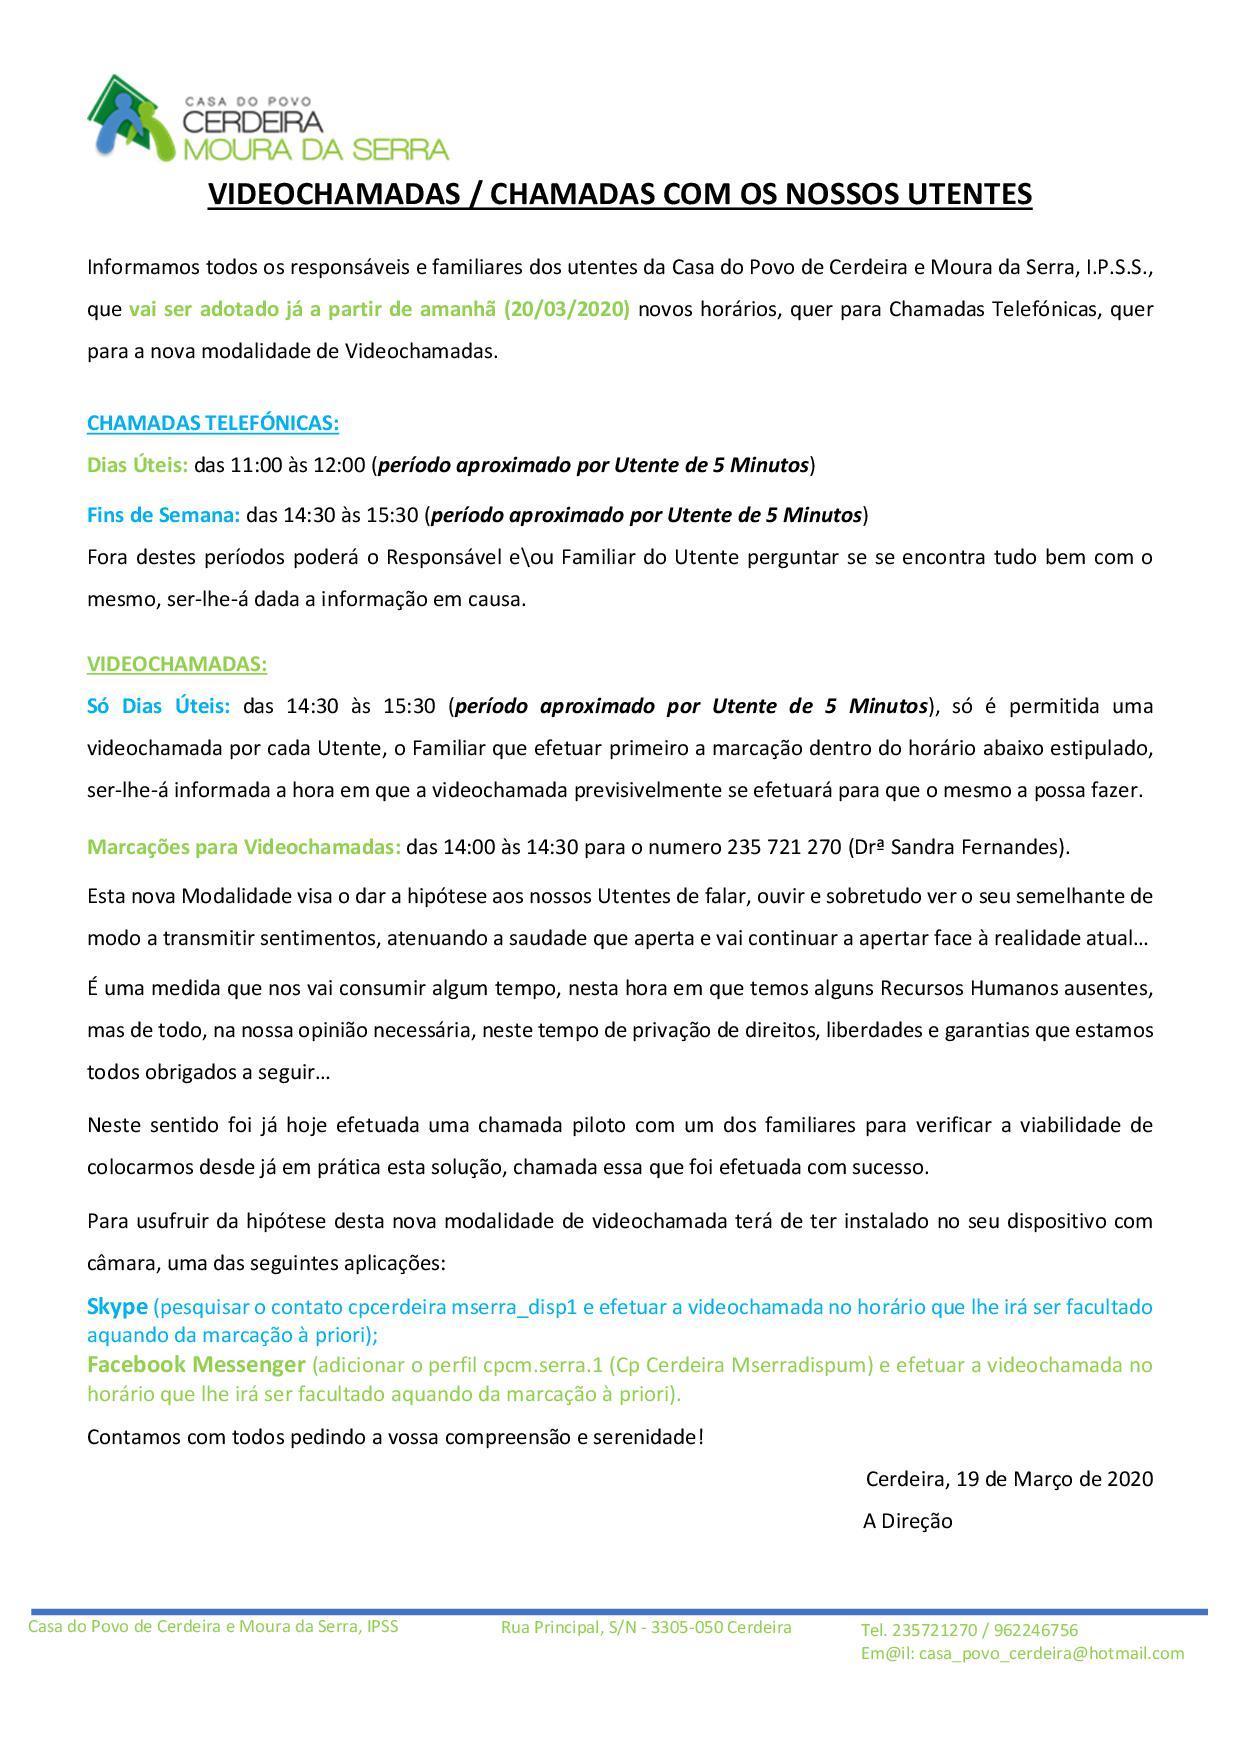 Videochamadas & Chamadas na Casa do Povo de Cerdeira e Moura da Serra, I.P.S.S. (Horários & Informações)